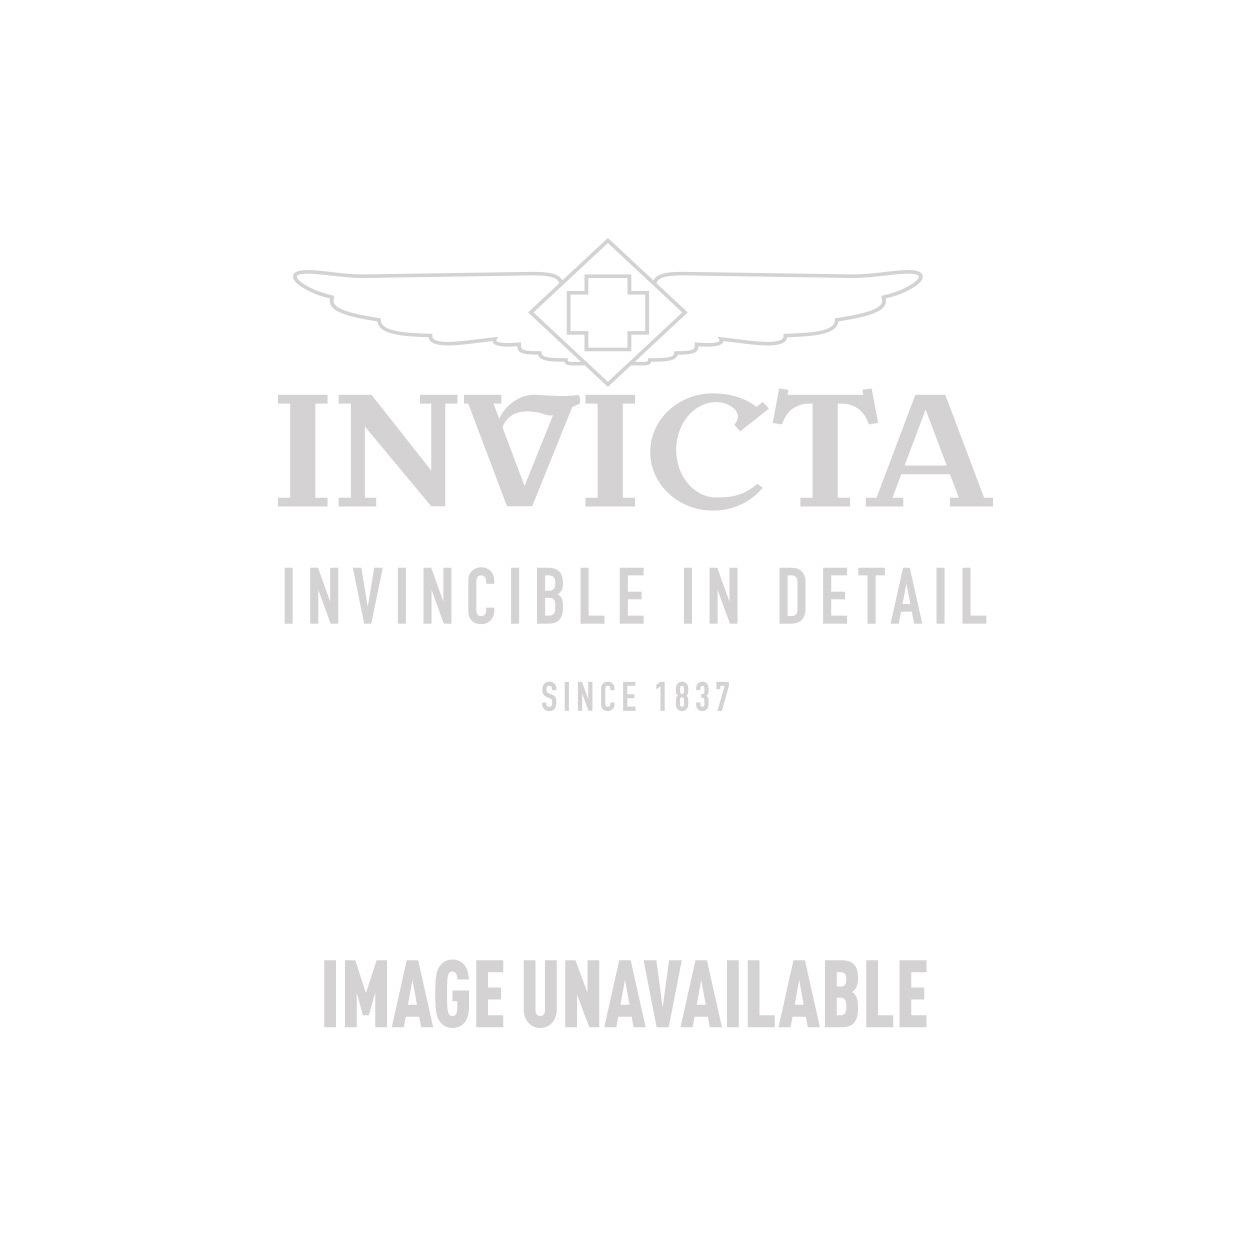 Invicta Model 27225